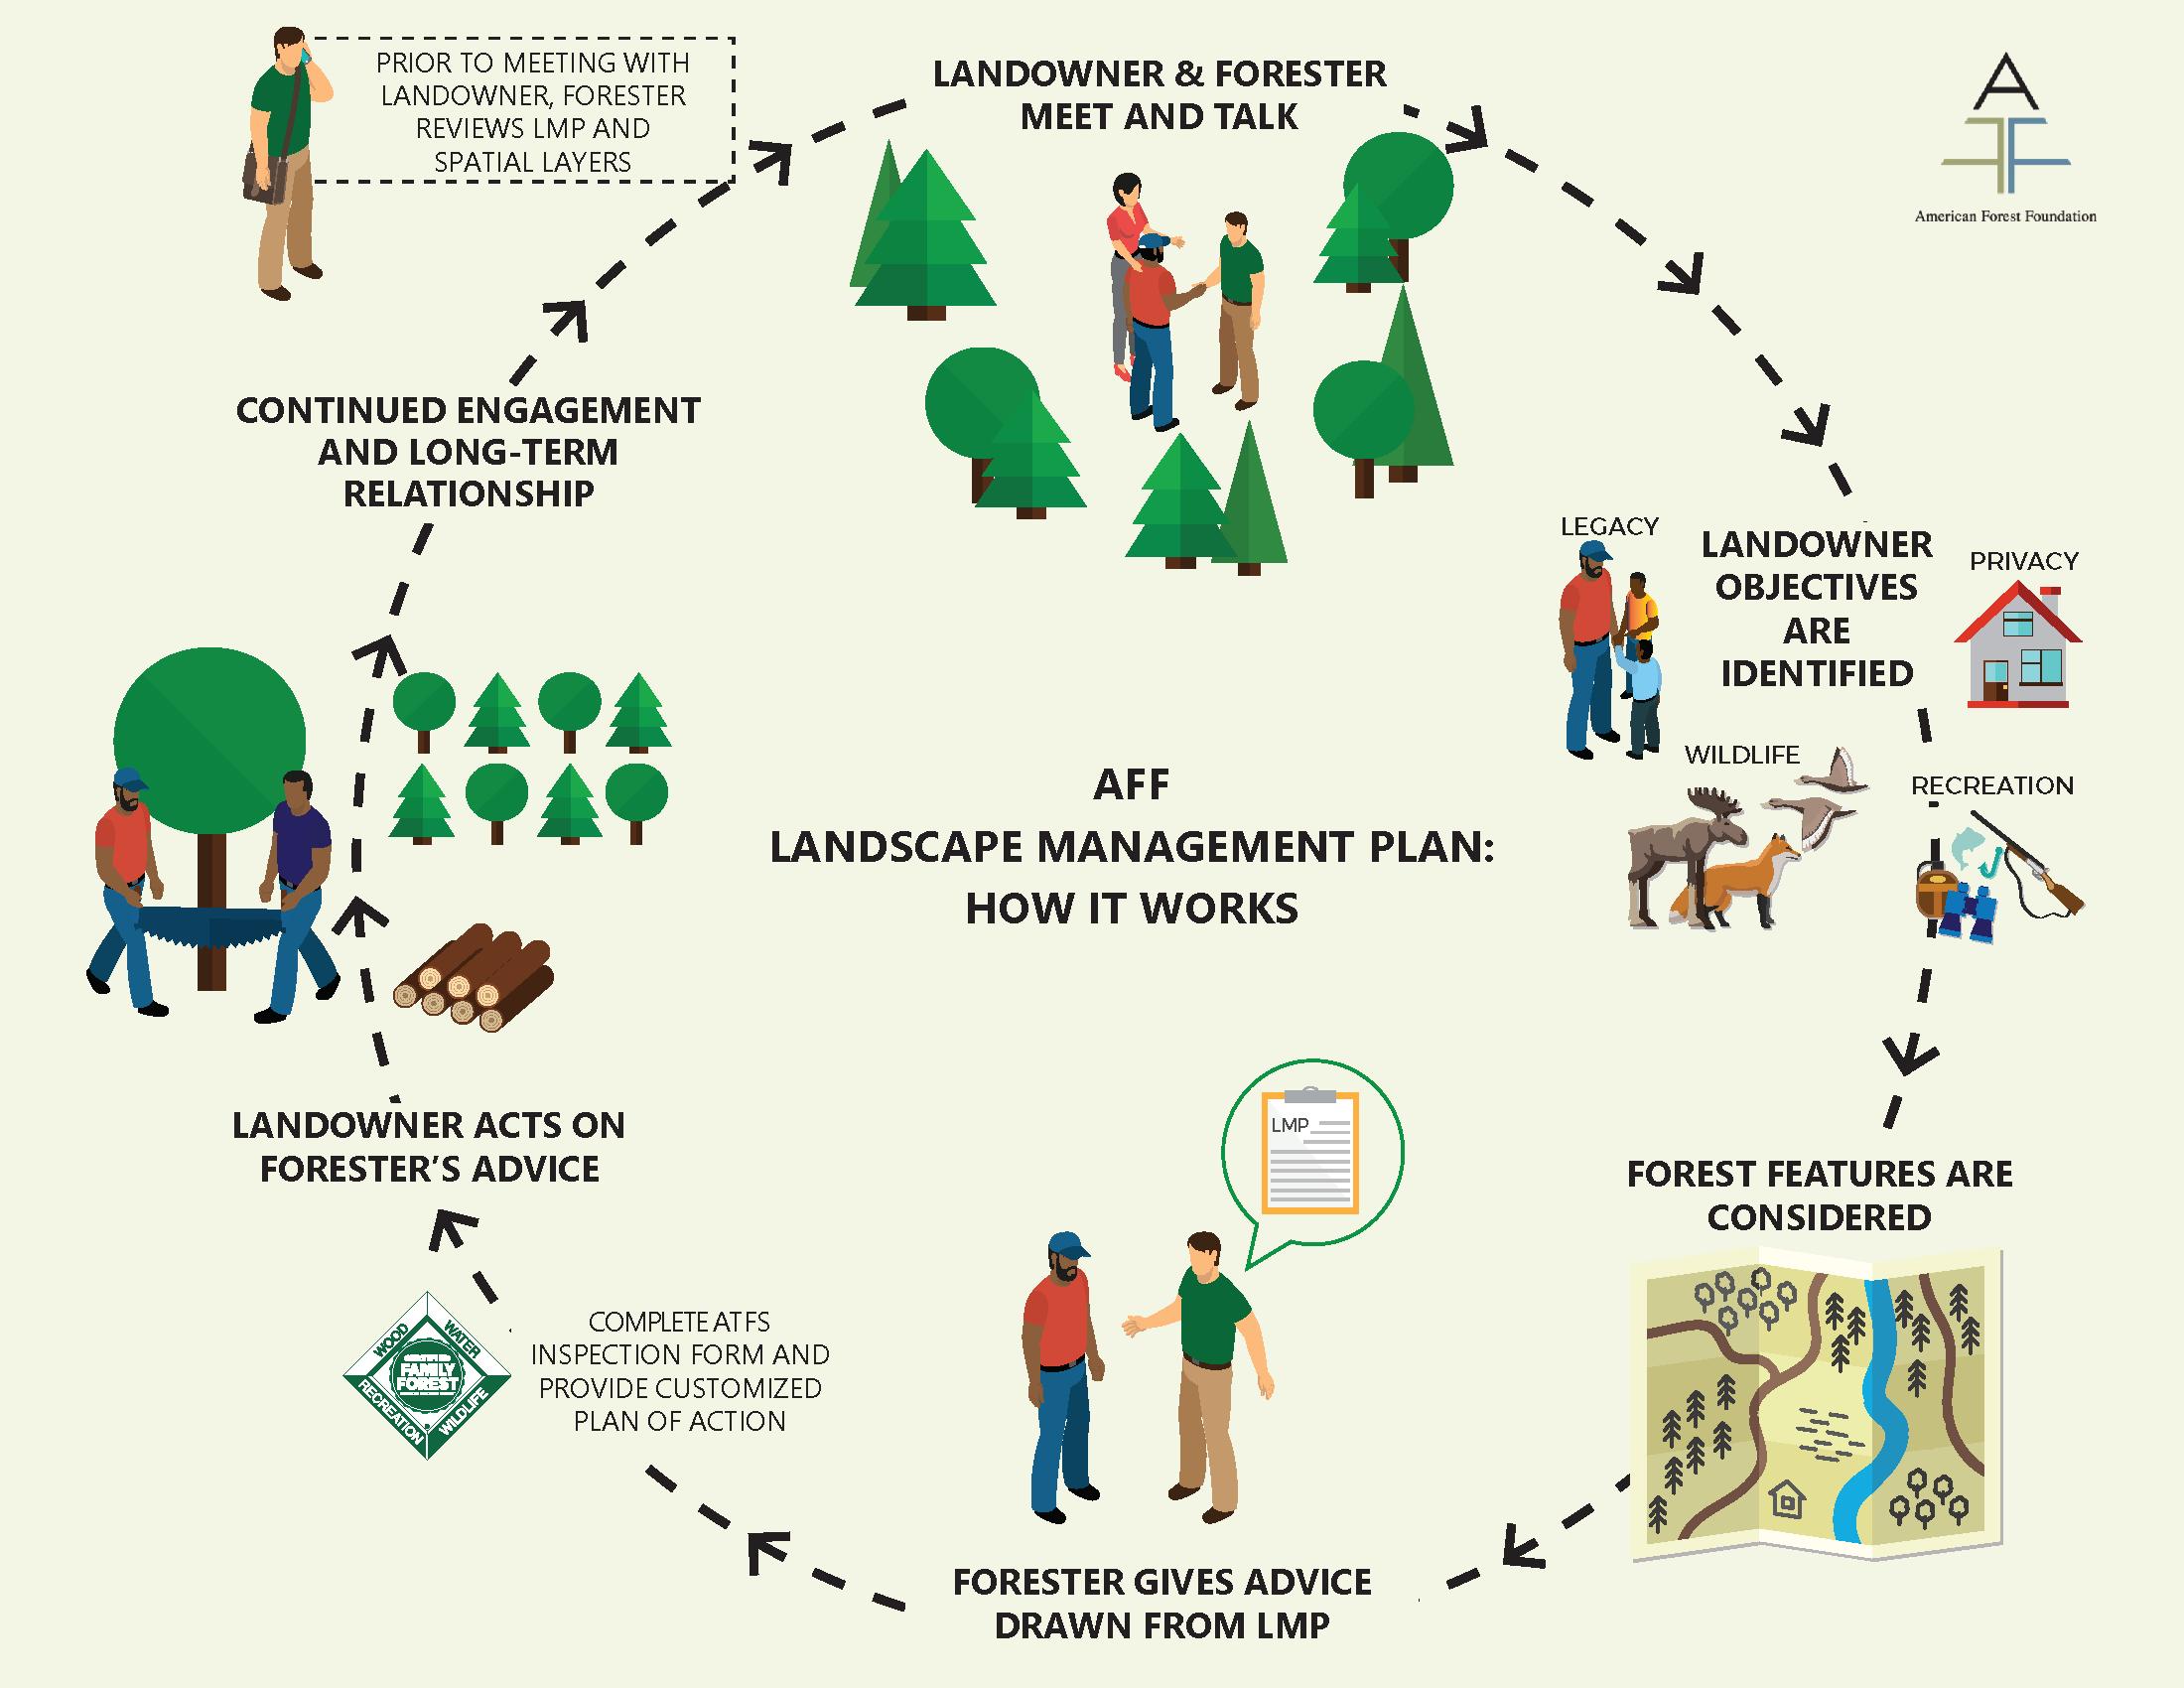 Landscape Management Plan